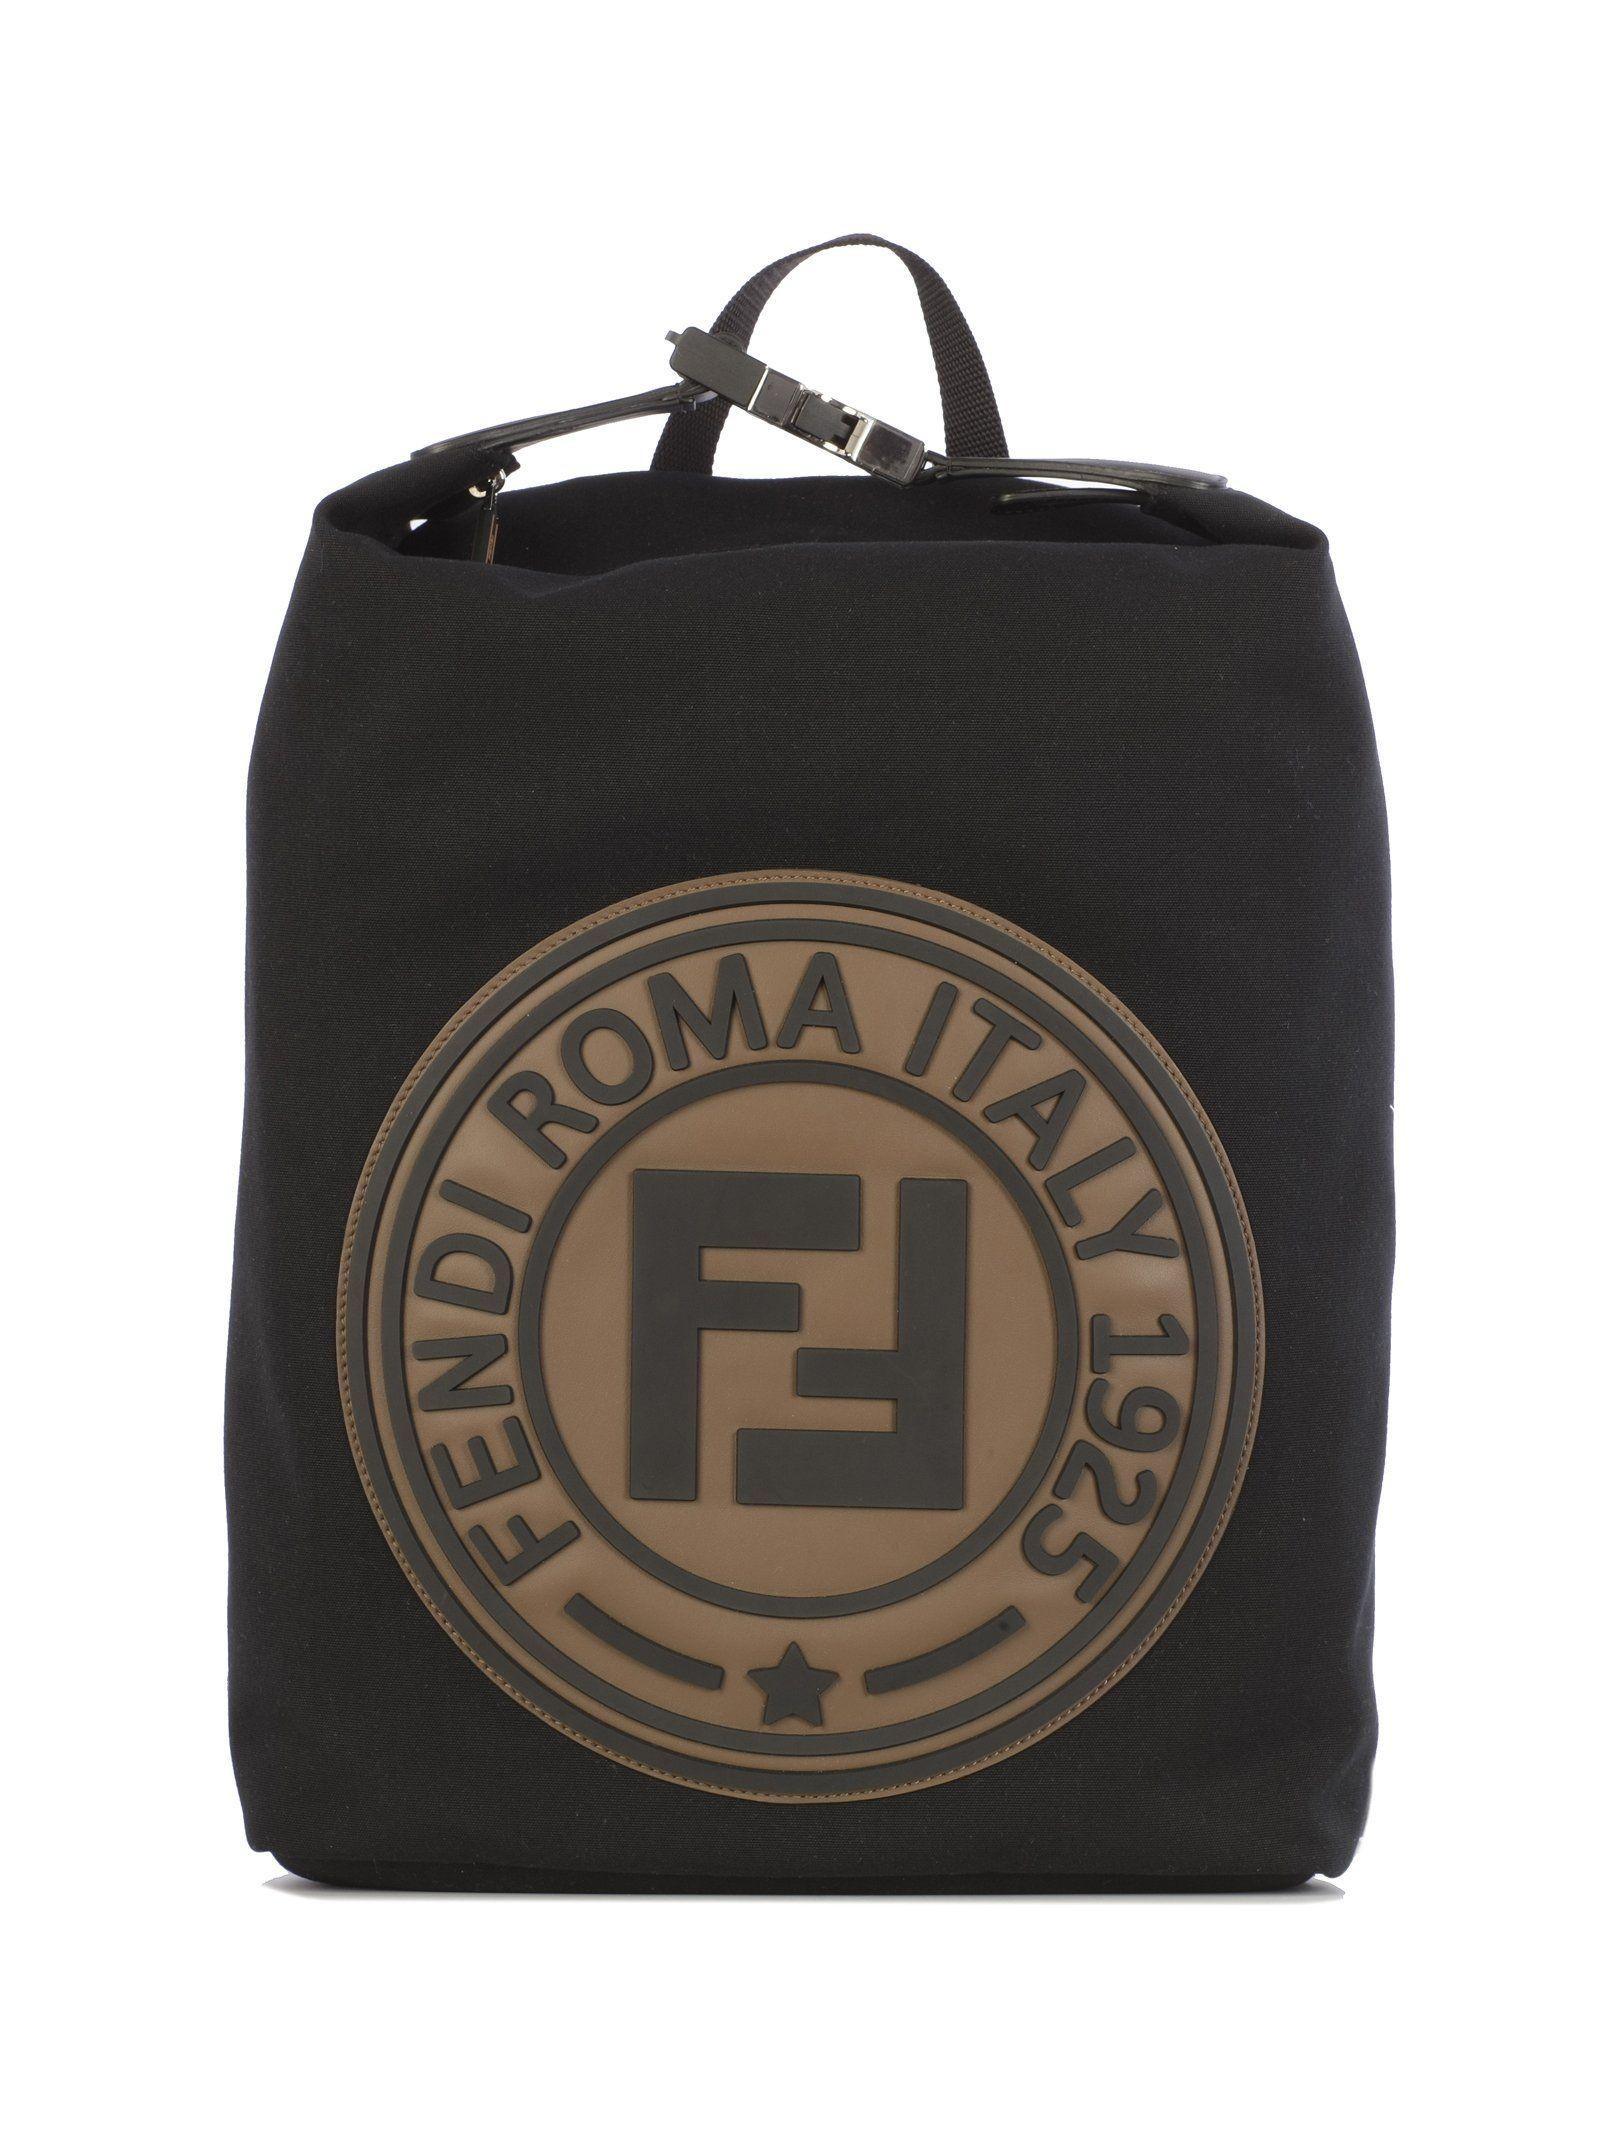 9bba518acc98 FENDI FENDI LOGO BACKPACK.  fendi  bags  leather  polyester  backpacks